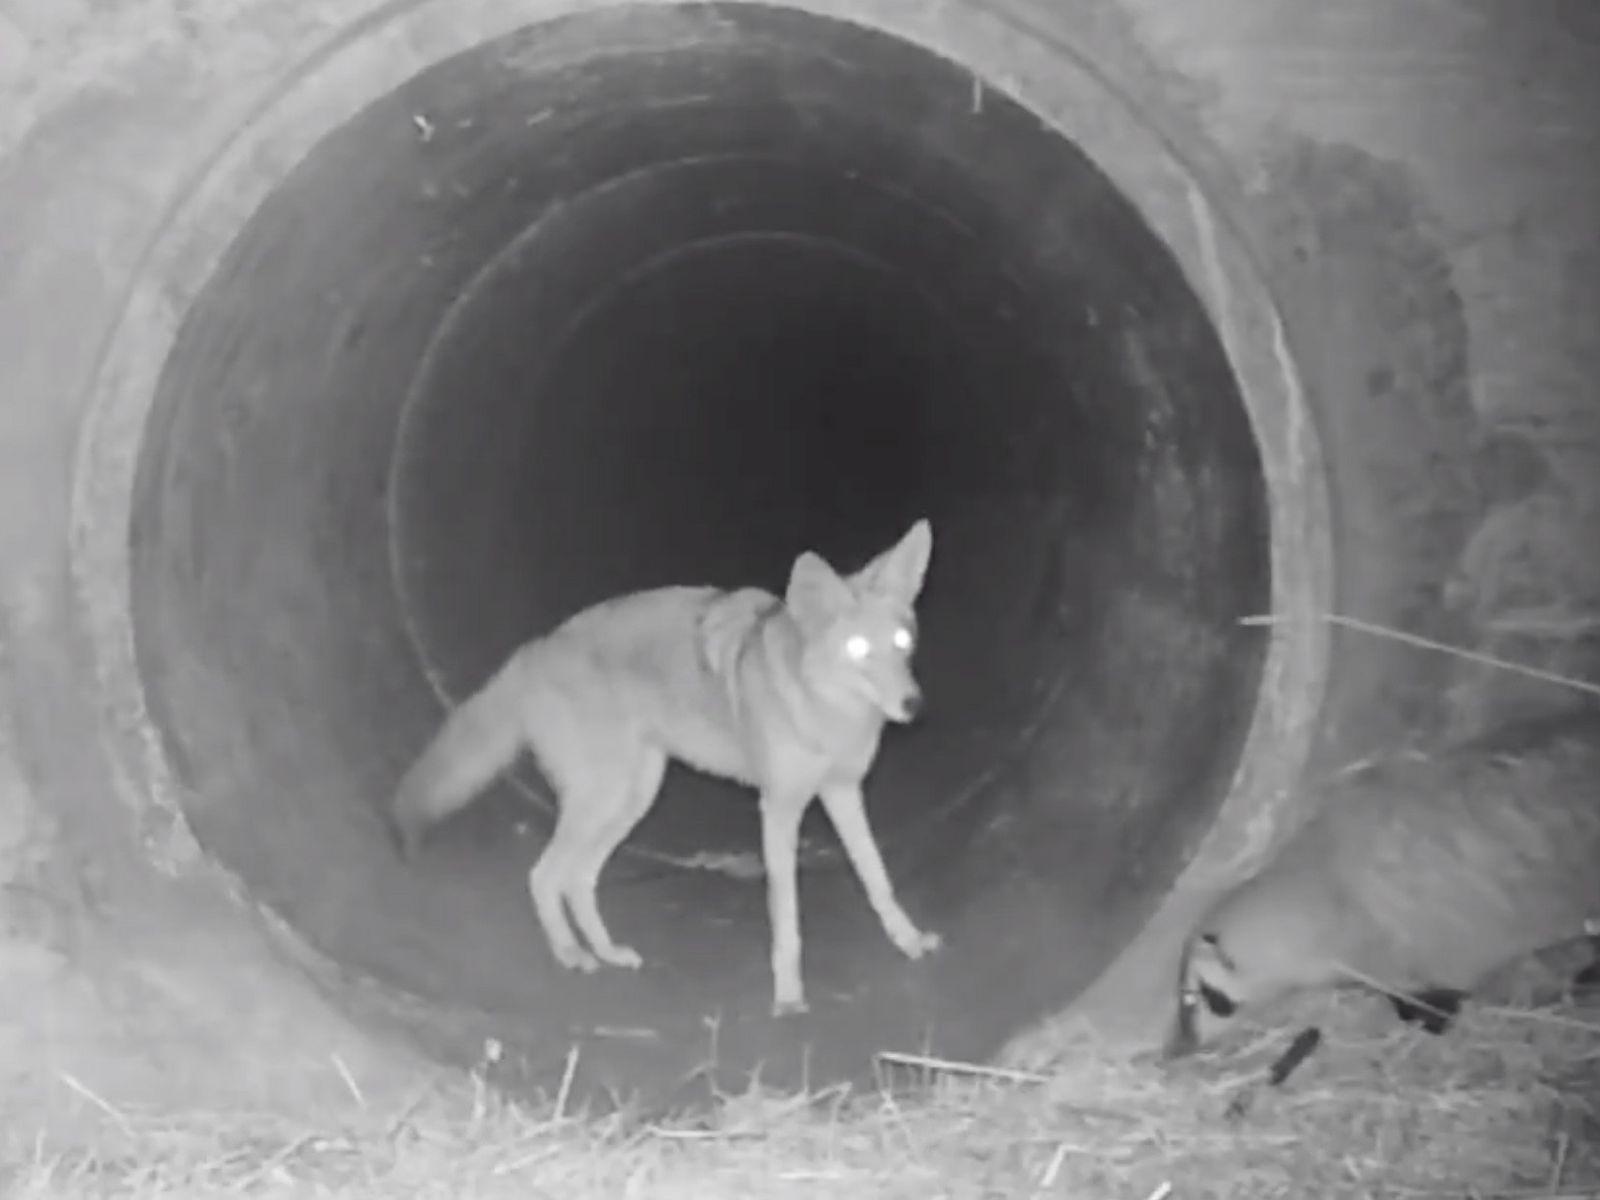 Ein Kojote wartet darauf, dass ein Dachs ihm durch einen Abzugskanal in den südlichen Santa Cruz ...